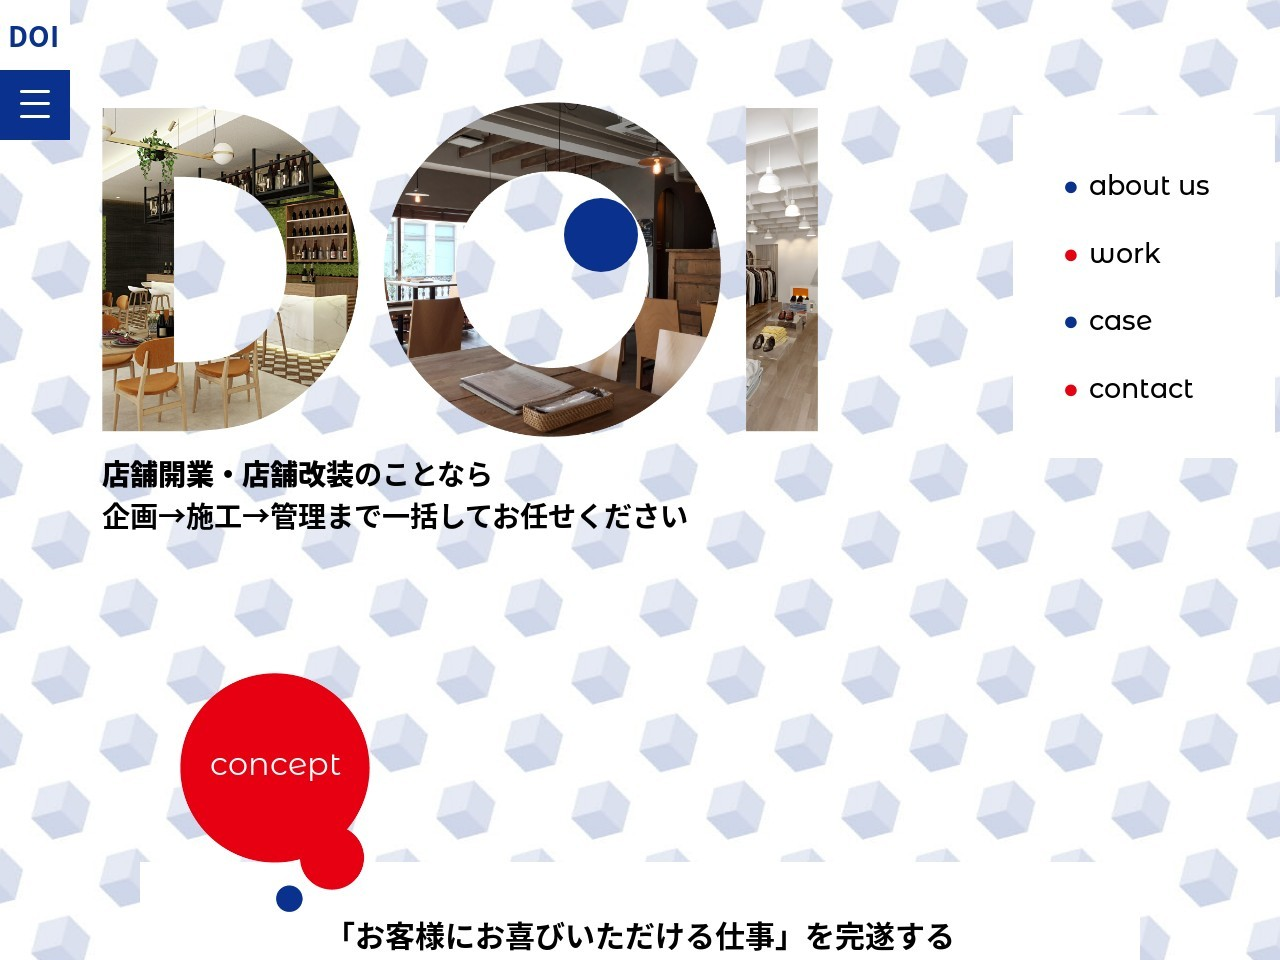 株式会社土井